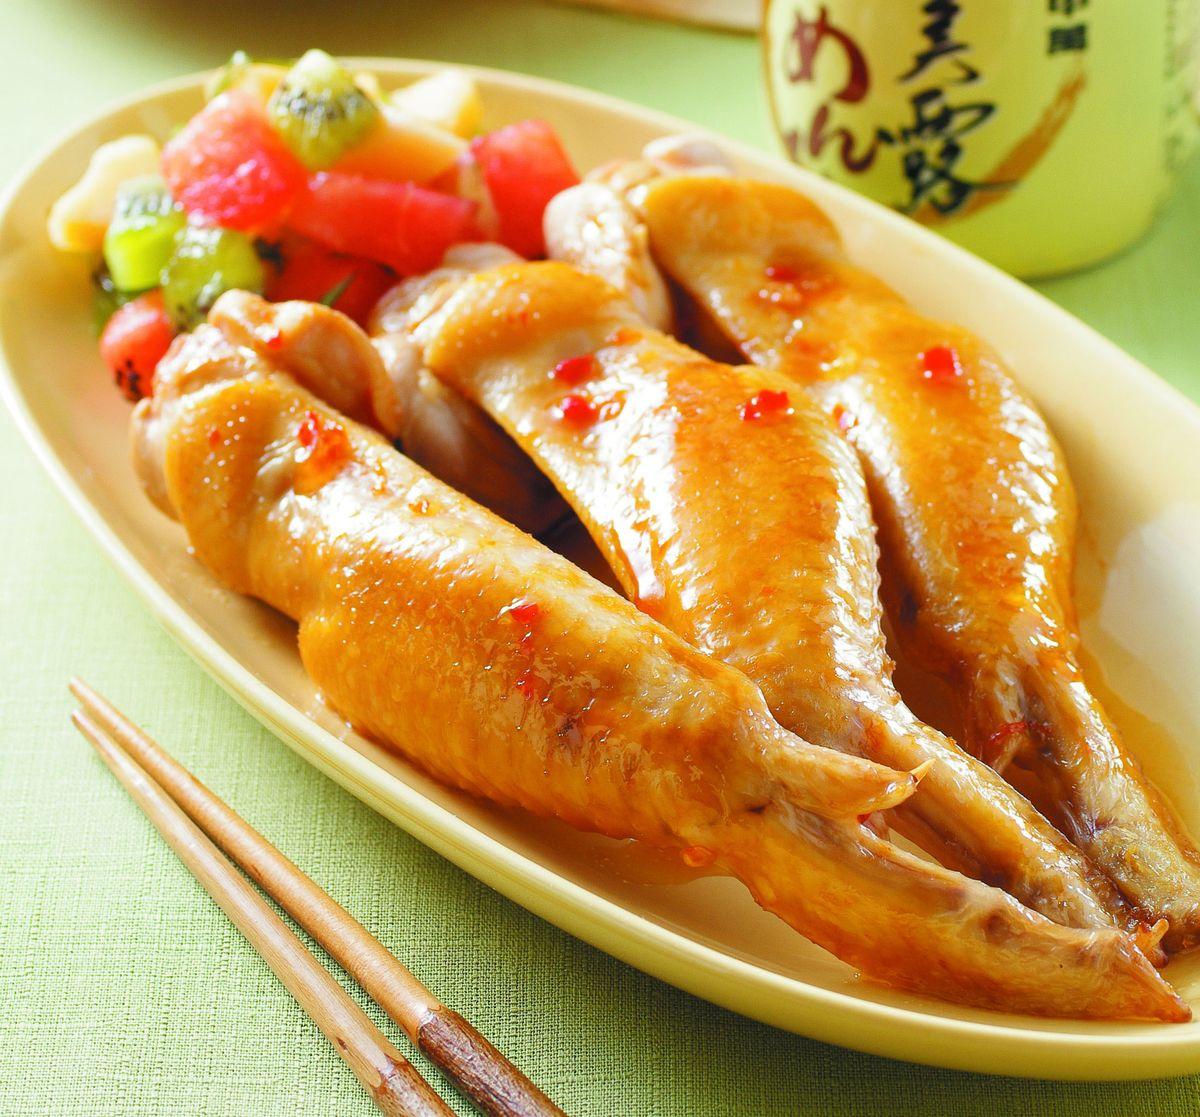 食譜:泰式酸辣烤雞翅